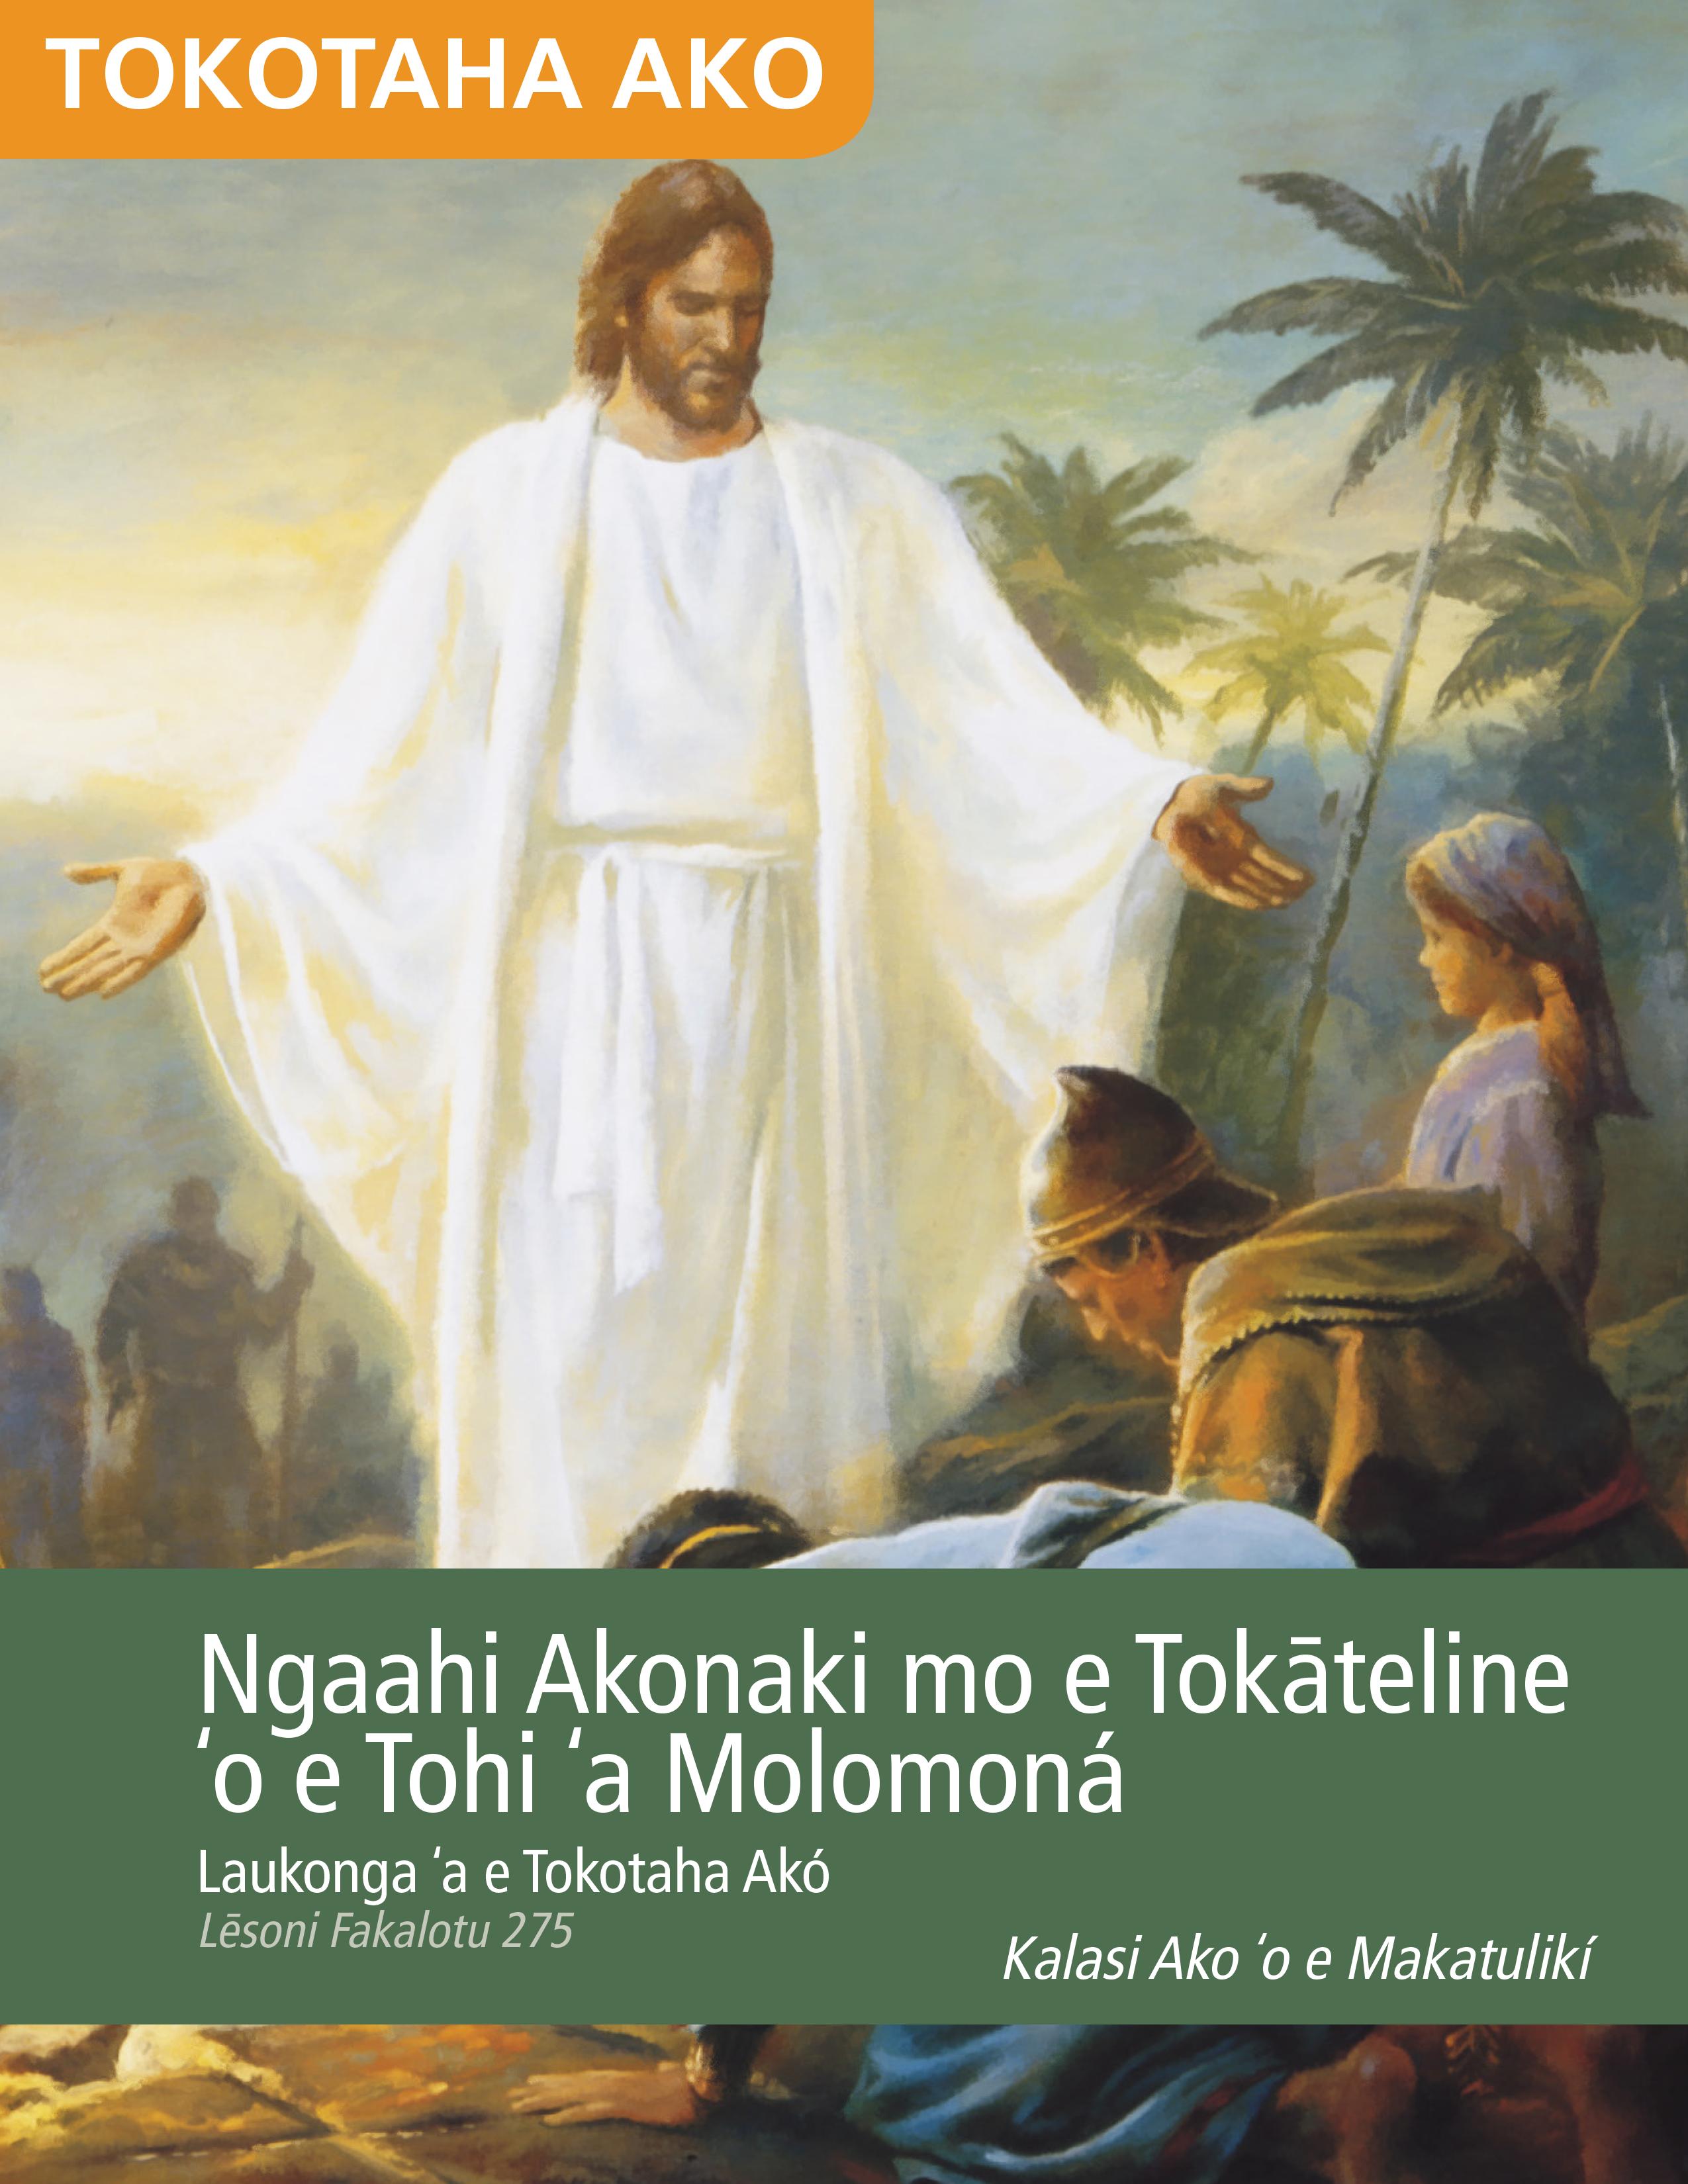 Ngaahi Akonaki mo e Tokāteline ʻo e Tohi ʻa Molomoná - Laukonga ʻa e Tokotaha Akó (Lēsoni Fakalotu 275)